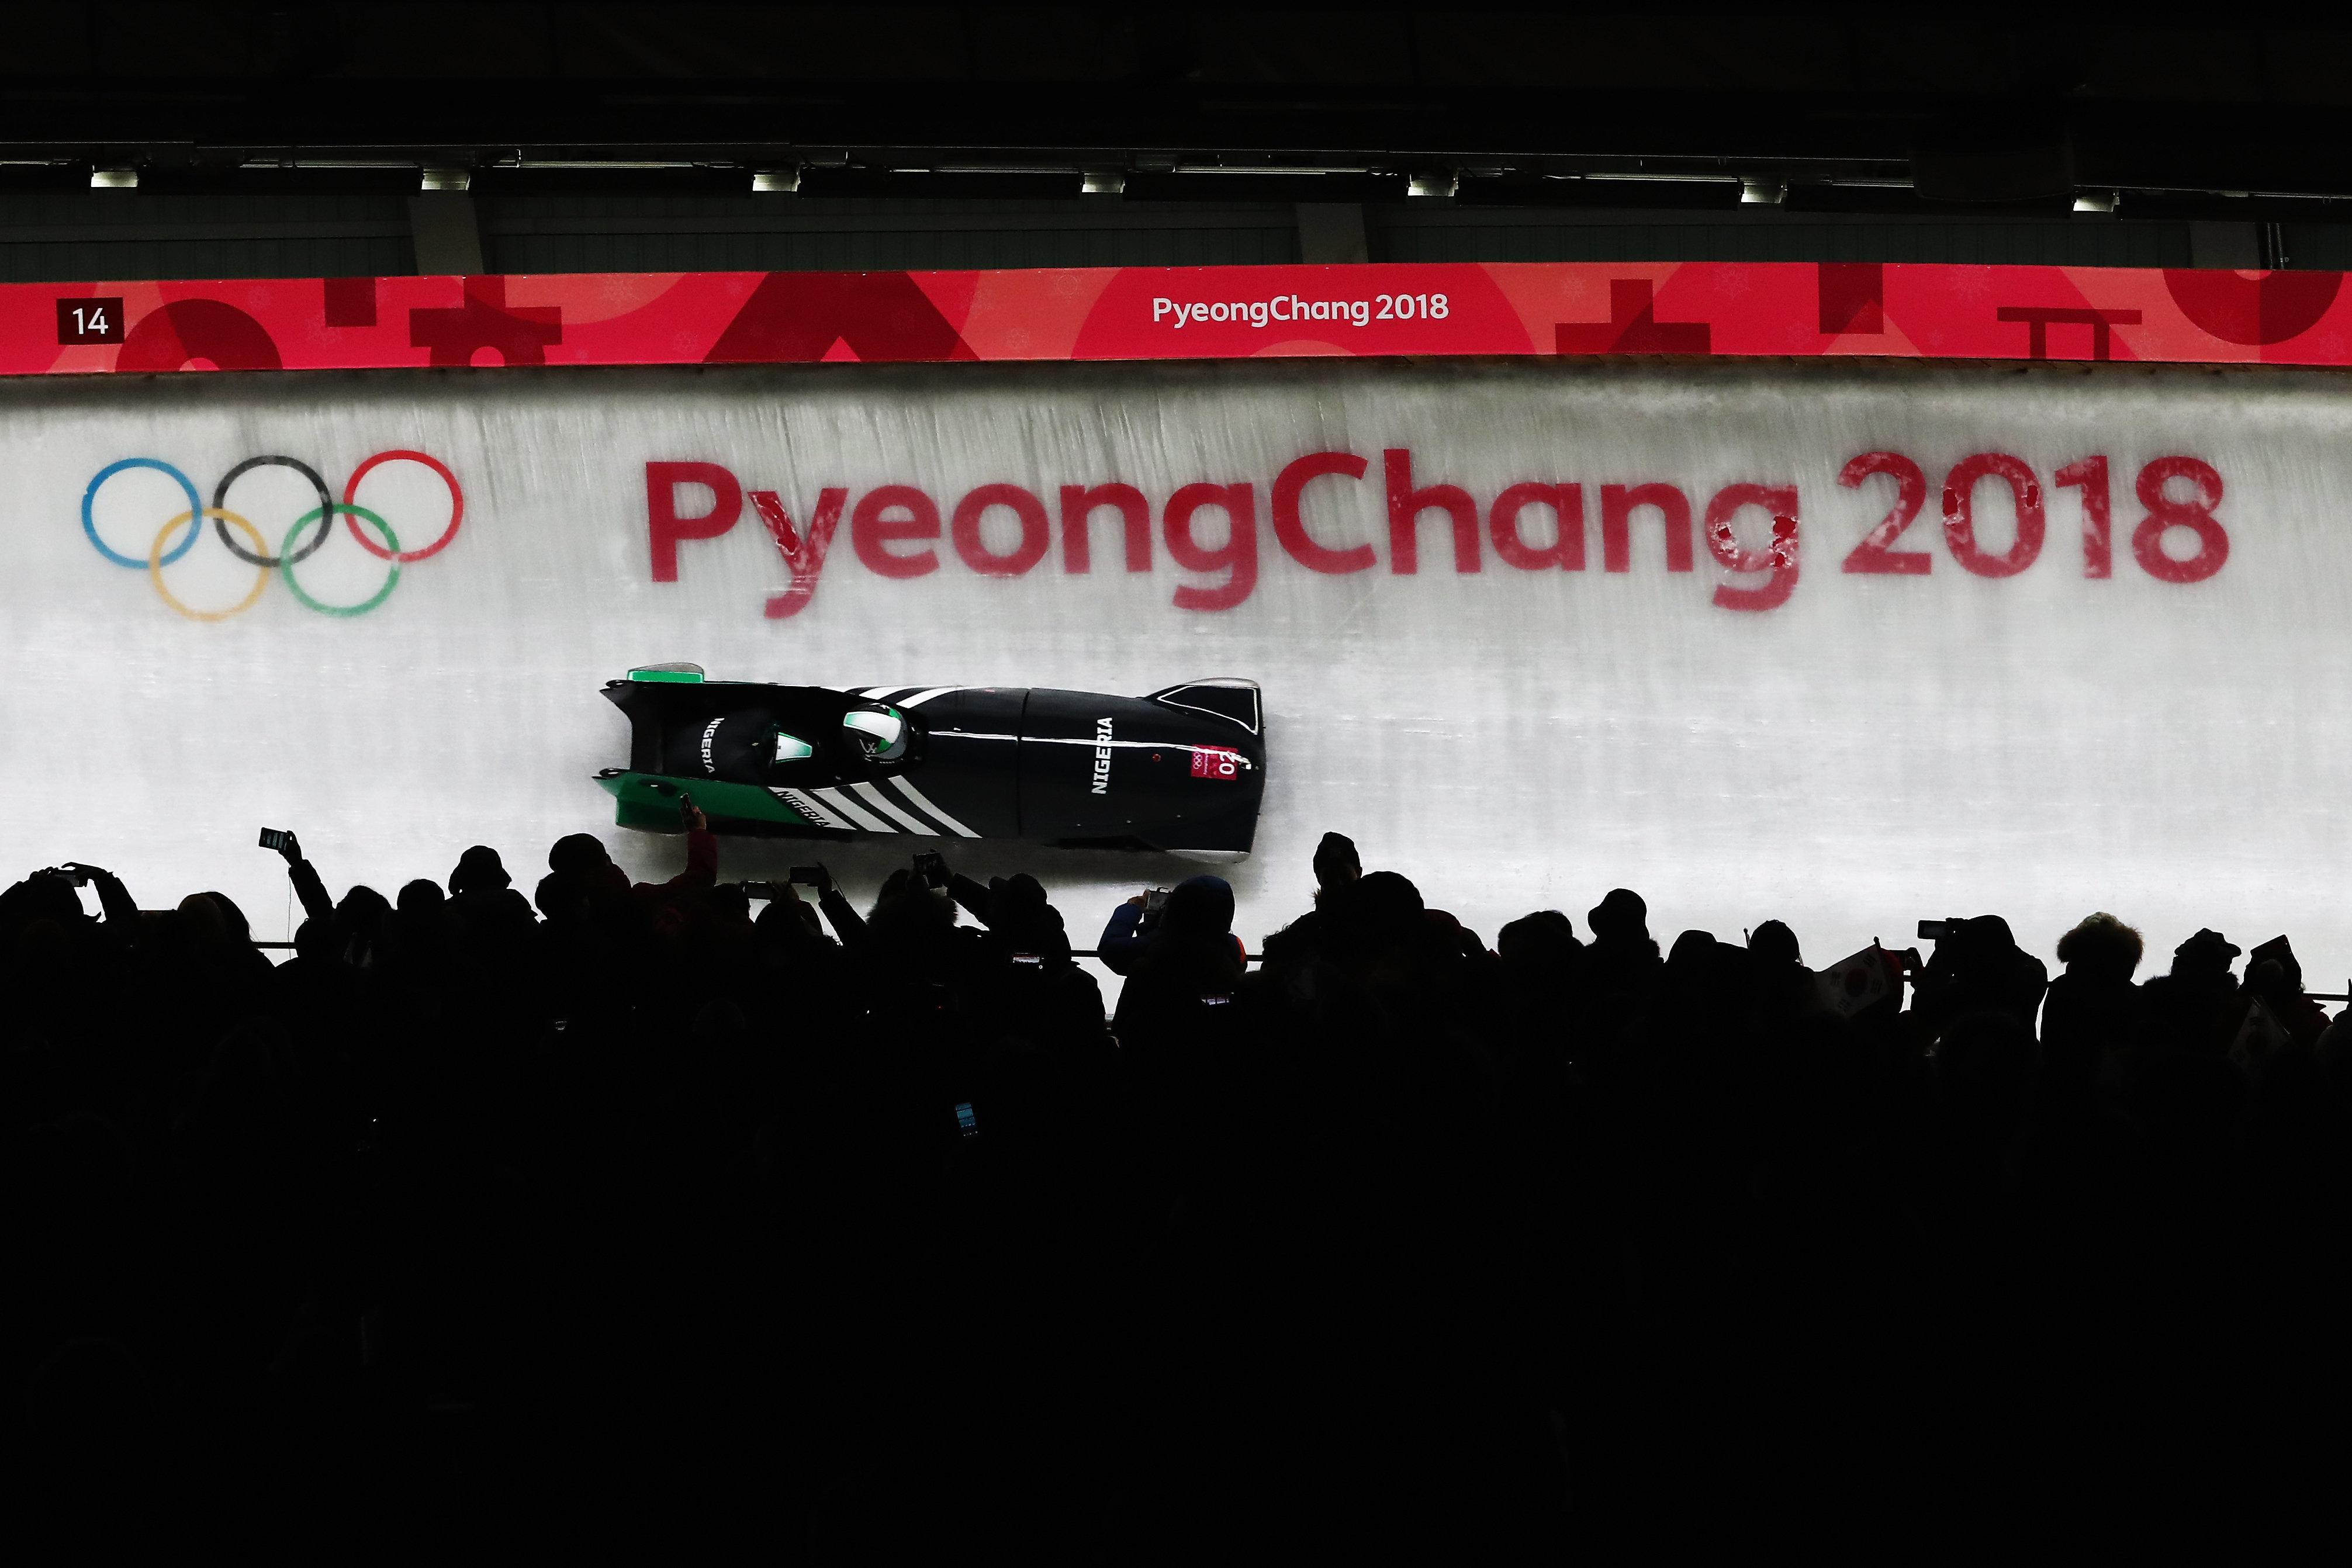 동계올림픽에 처음 출전한 6개국을